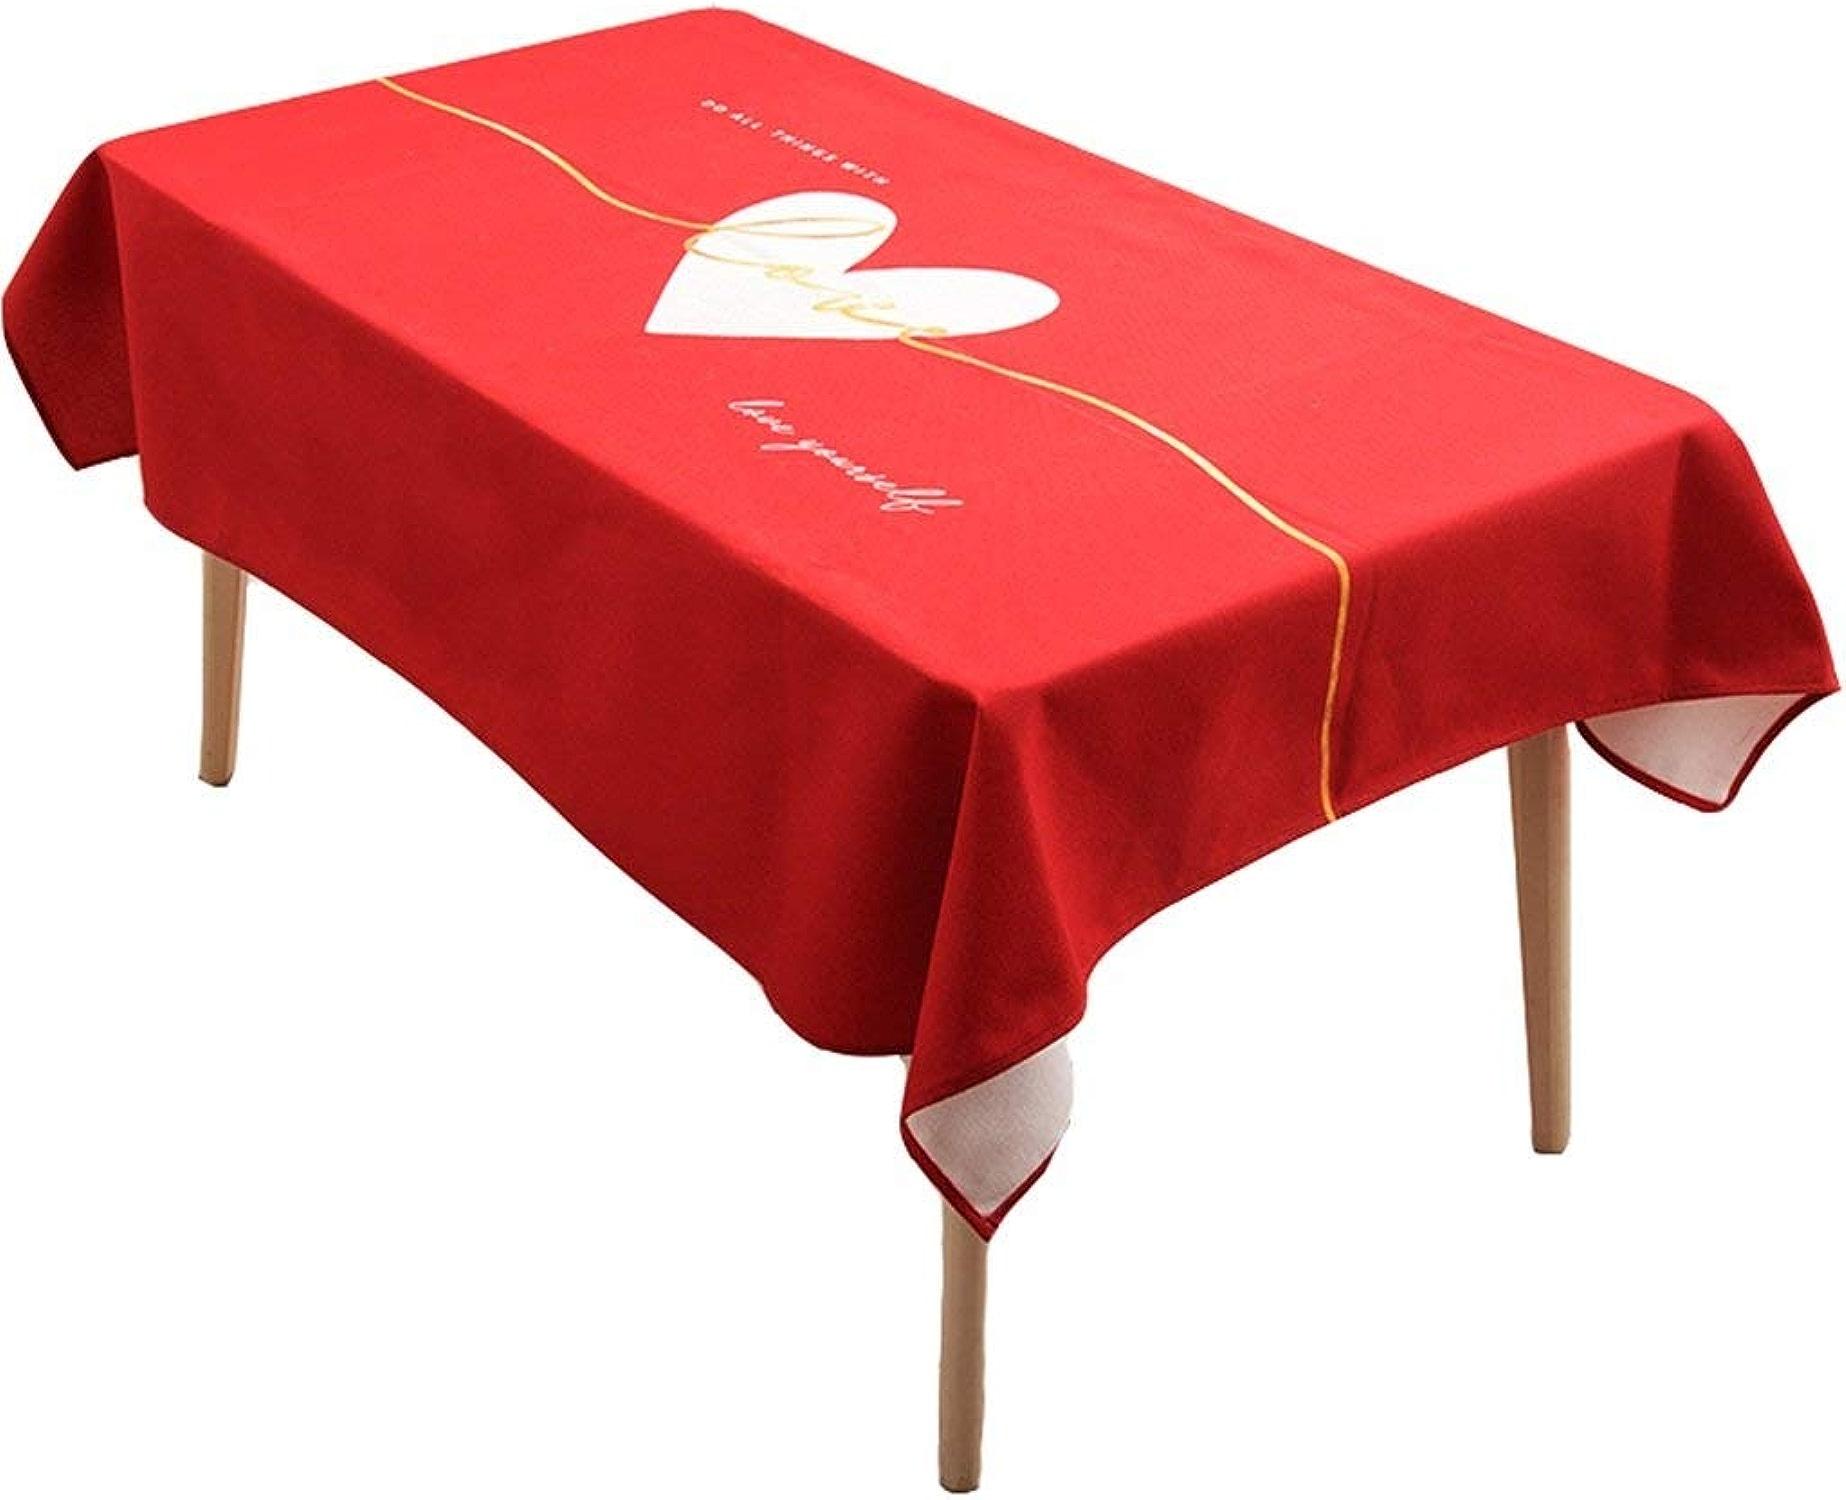 en Nappe Nappe Art Rouge Couleur Fleurs Impression Tissu bfmg7vIY6y